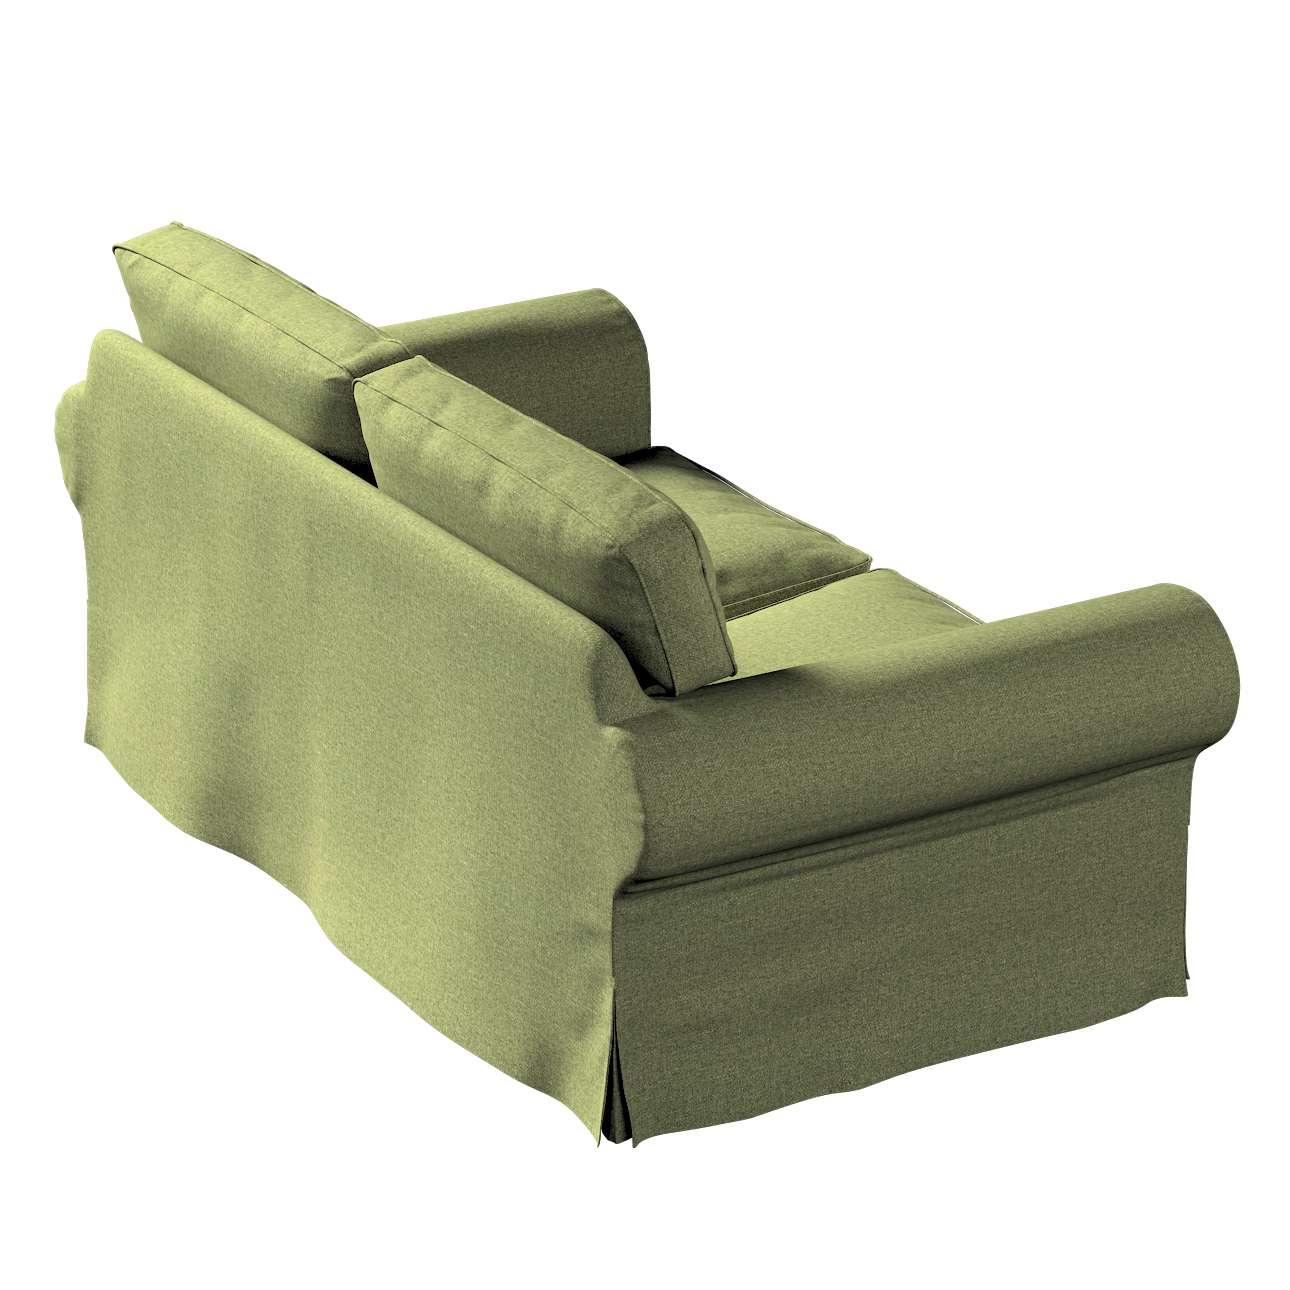 Poťah na sedačku Ektorp (rozkladacia, pre 2 osoby) STARÝ MODEL V kolekcii Madrid, tkanina: 161-22